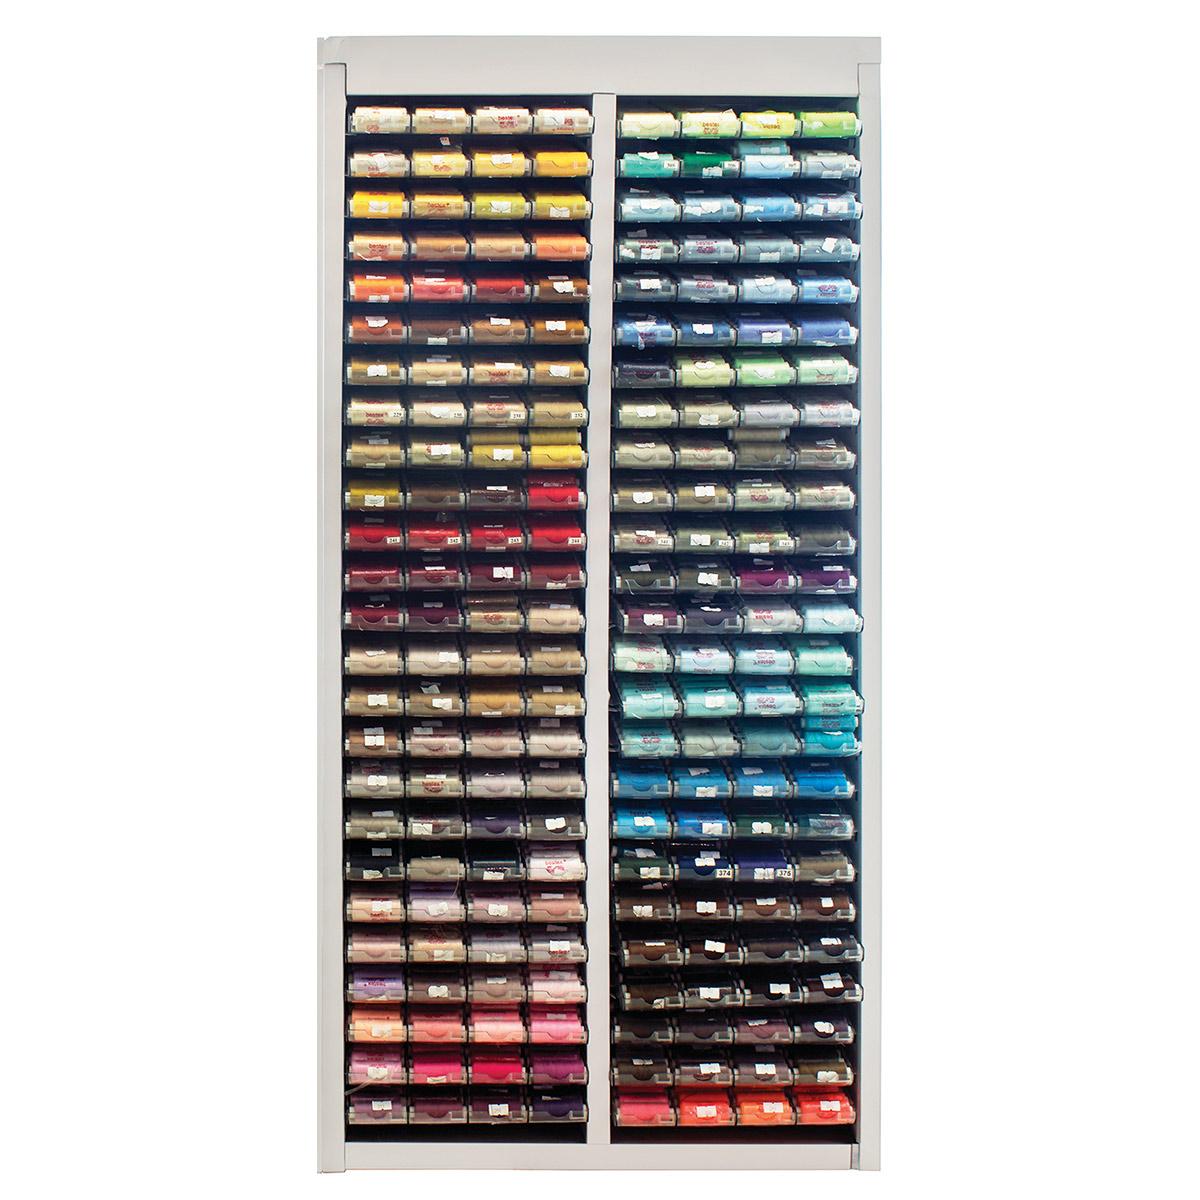 ФХ-100 Стенд для хранения ниток на 200 цветов, 128х61х28 см